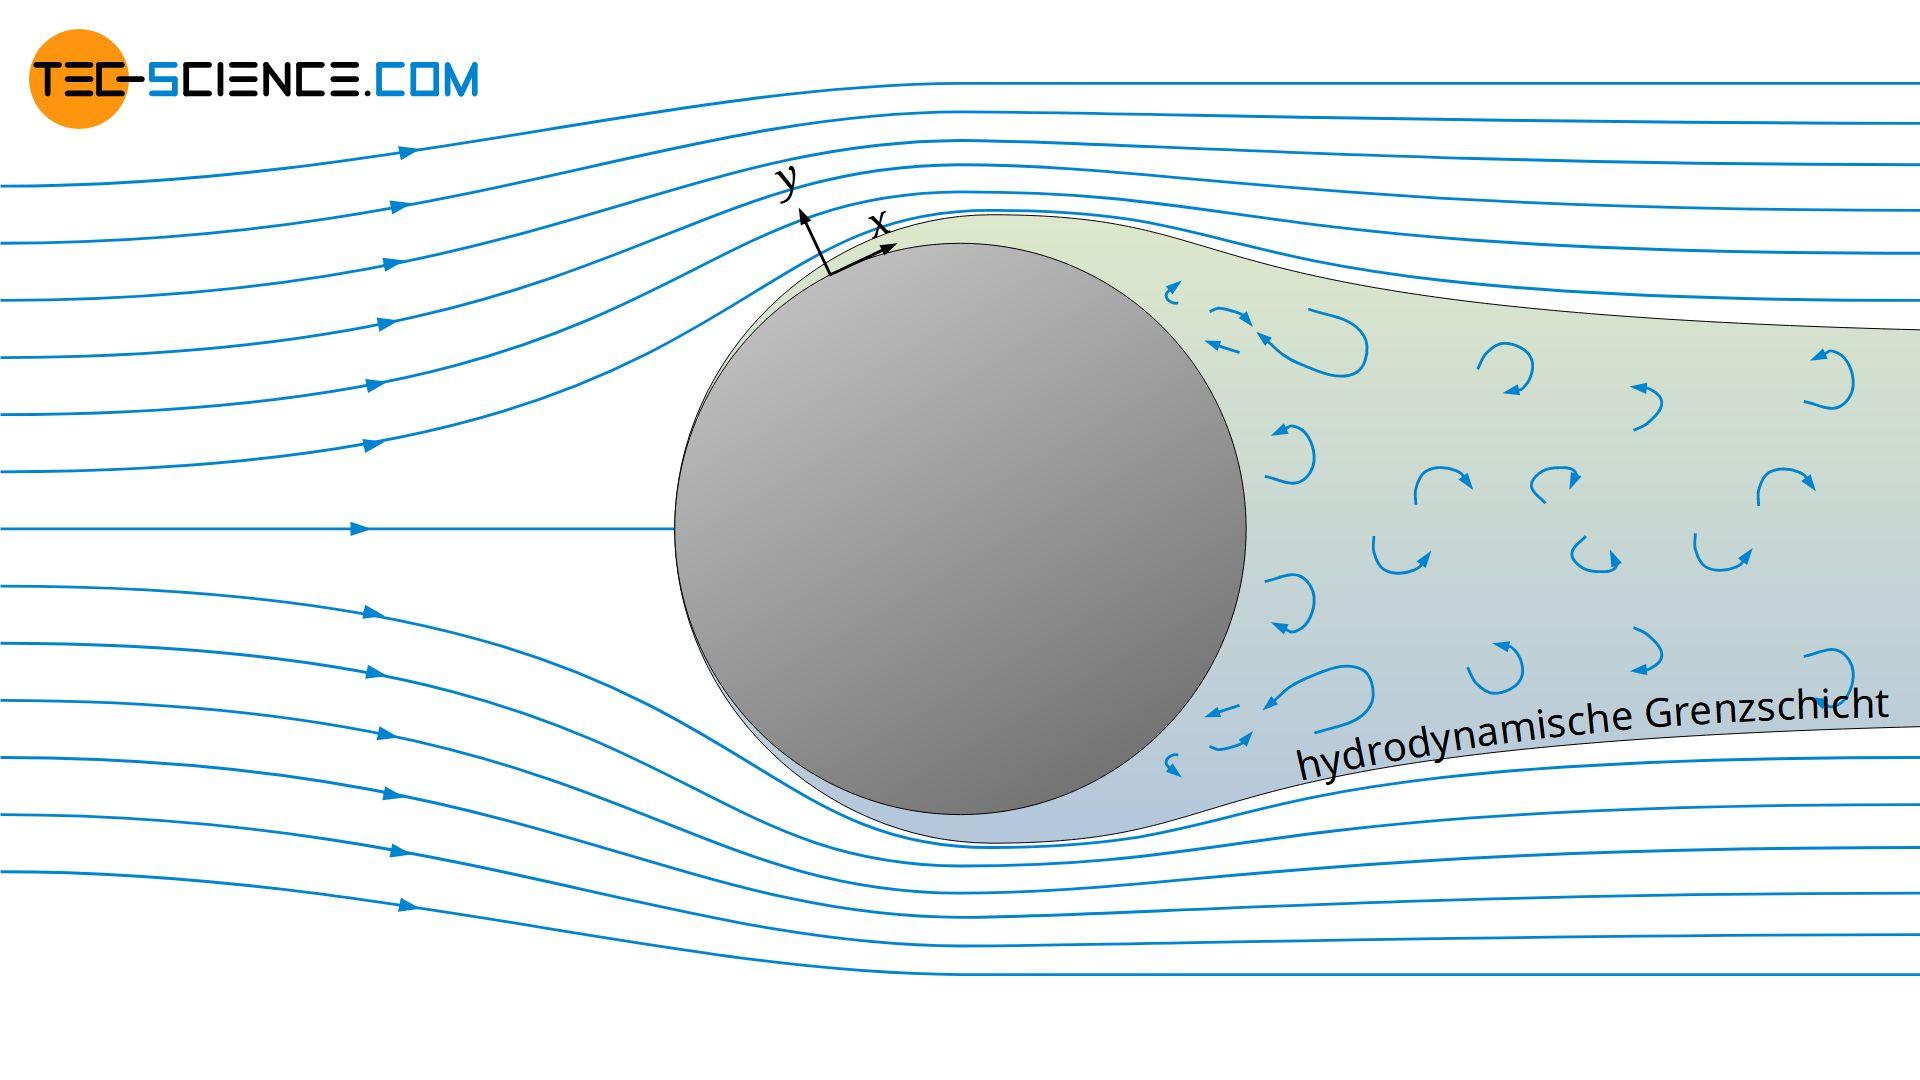 Laminare Umströmung eines Zylinders mit turbulenter Strömungsablösung